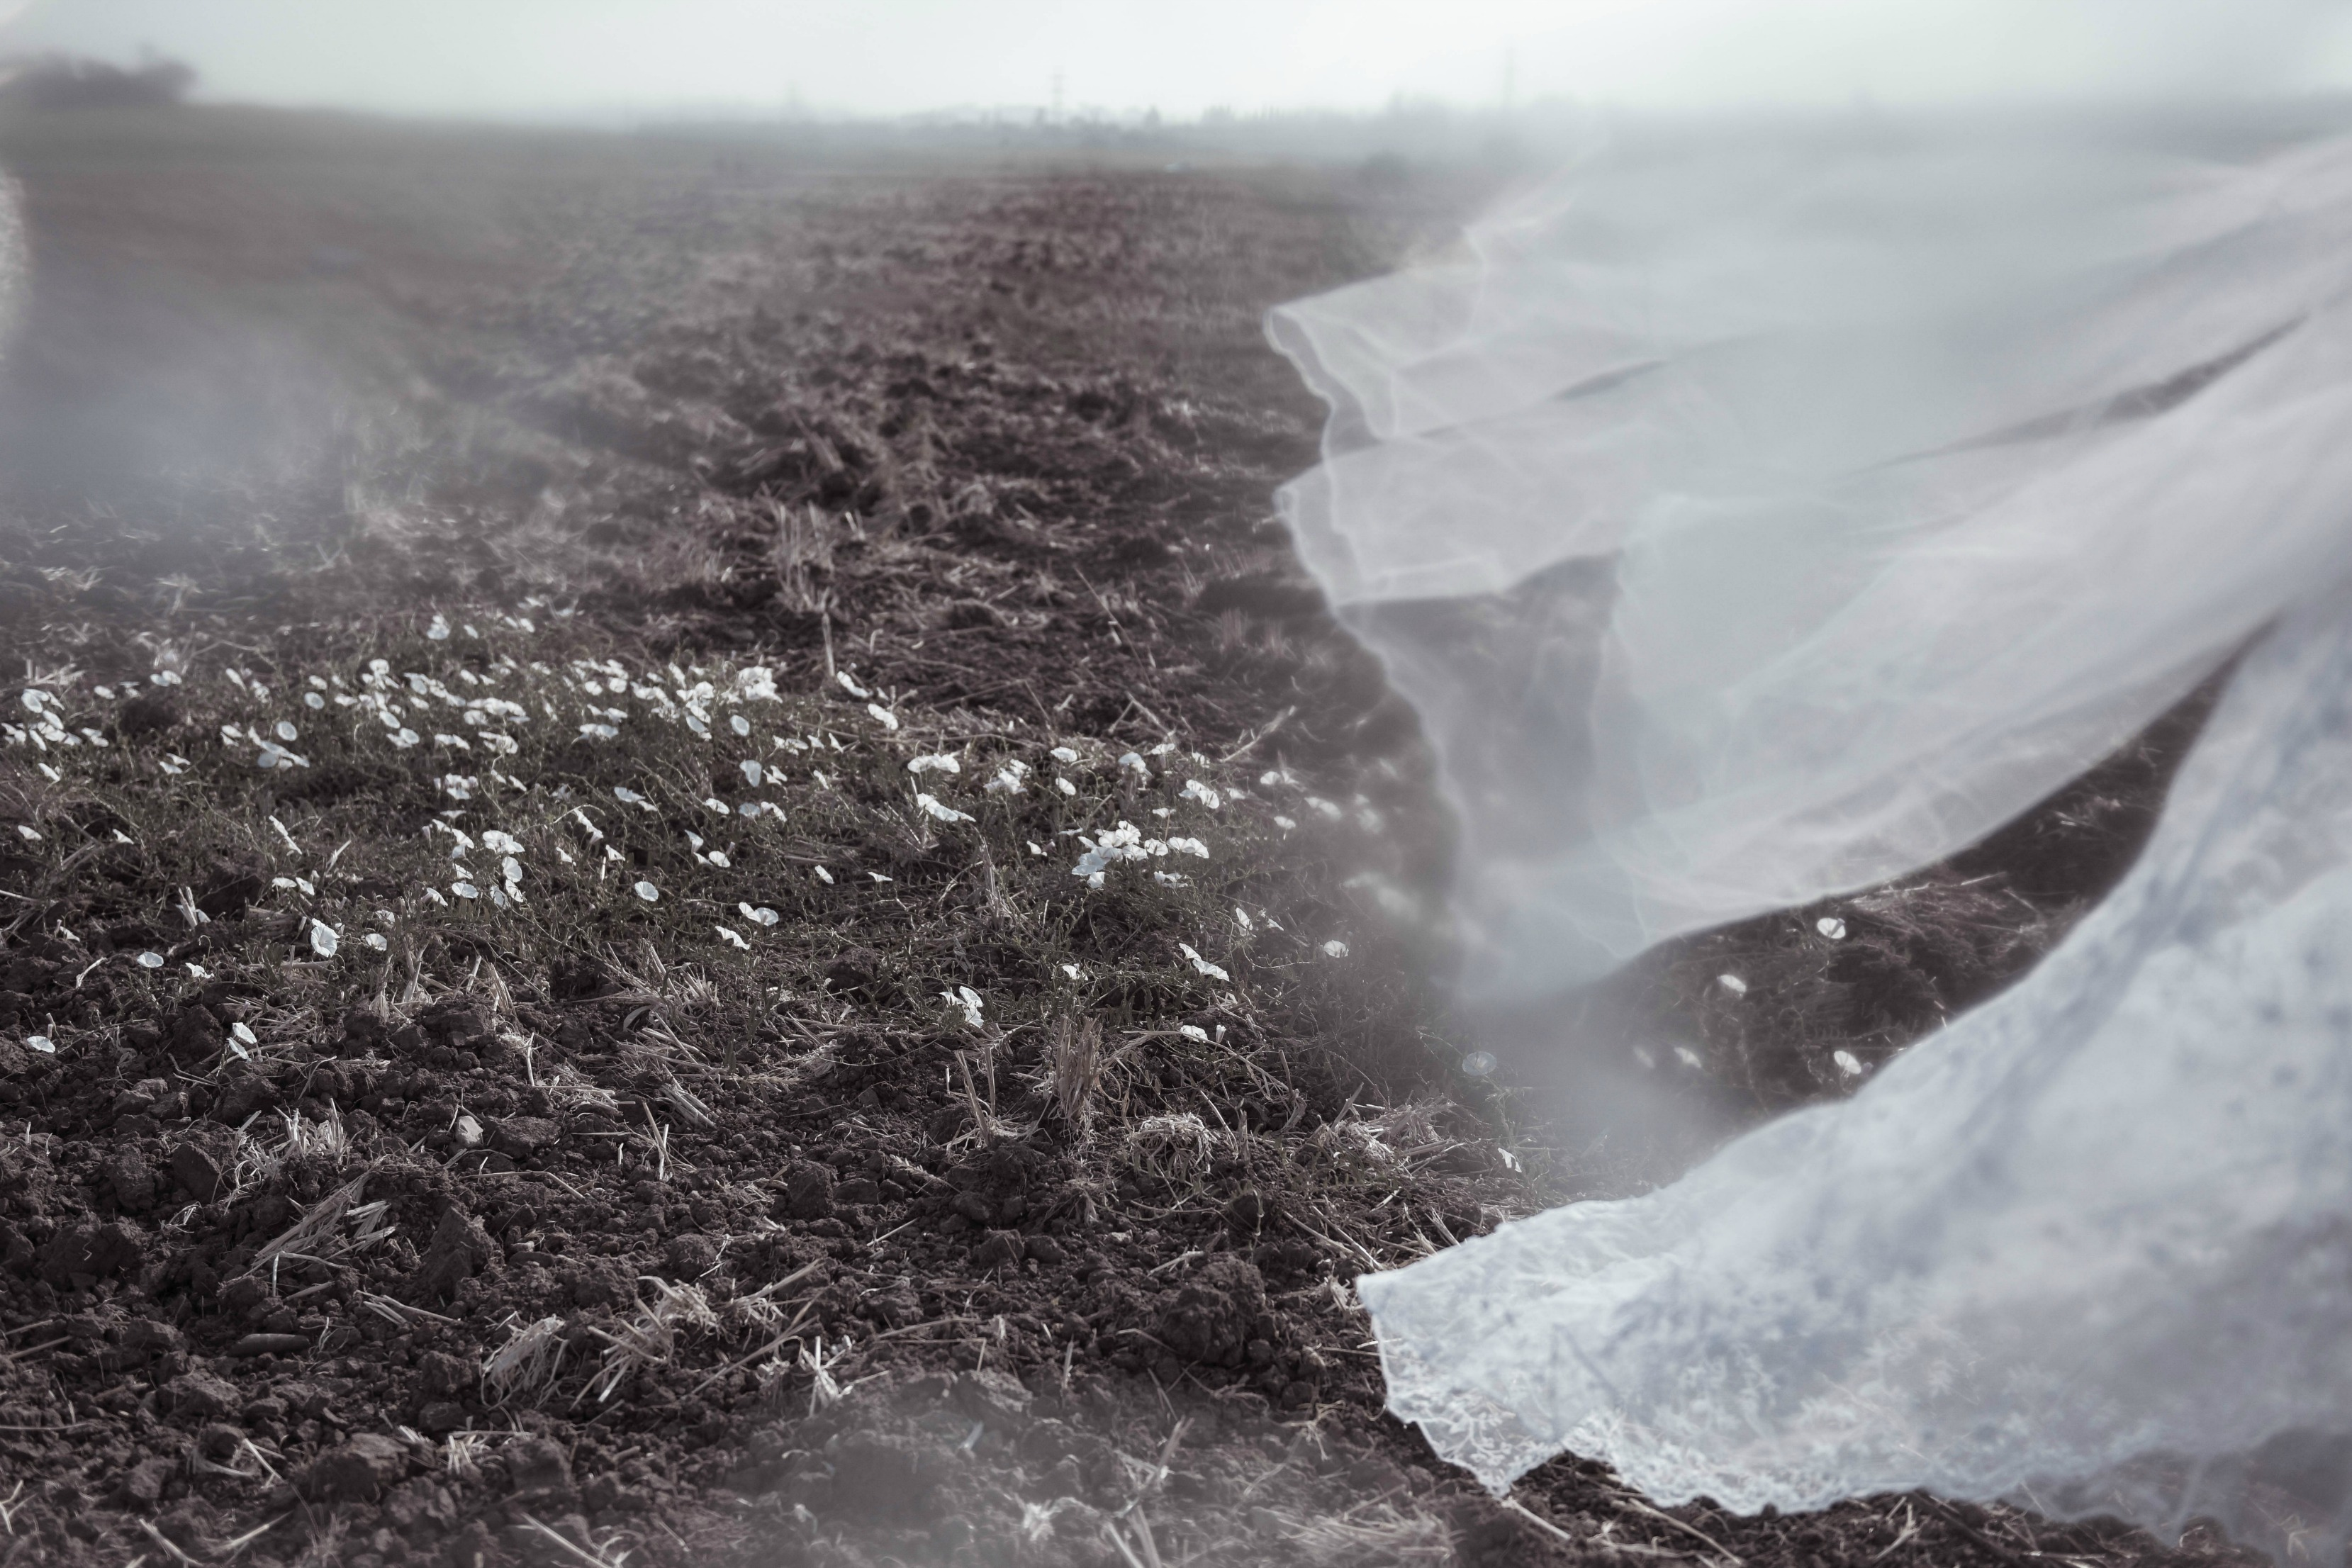 טול בשדה יבש מתוך הפוסט חיבוק של אדמה מהבלוג של תמרי סלונים ליבס tamariandme.com צילום : טלי רצקר